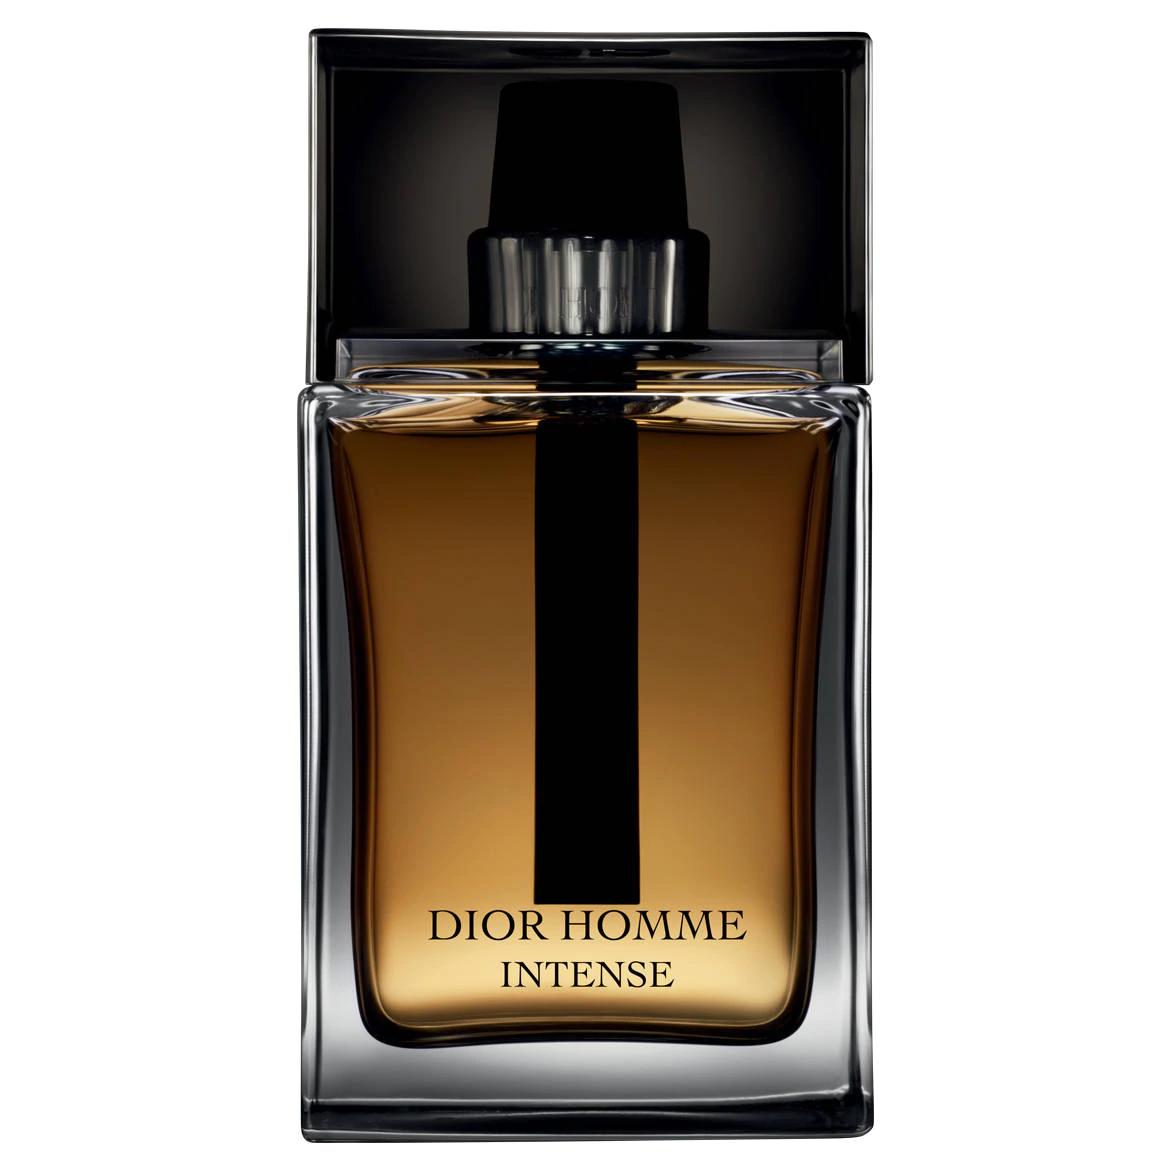 Eau de parfum Dior Homme Intense - 150 ml